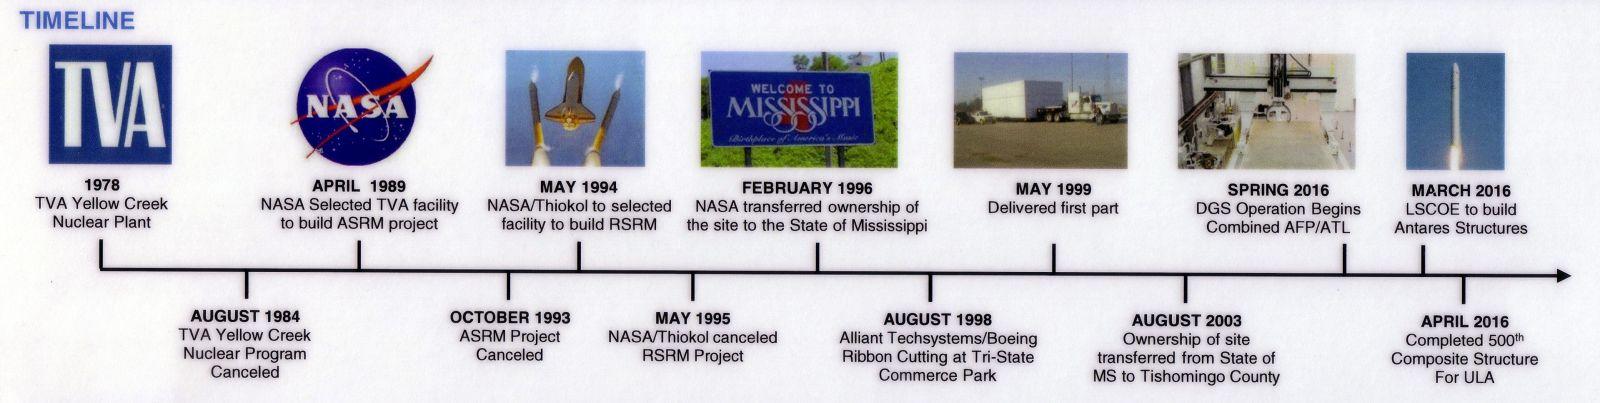 Timeline of Orbital ATK's Iuka, Miss., facility. Image Credit: Orbital ATK